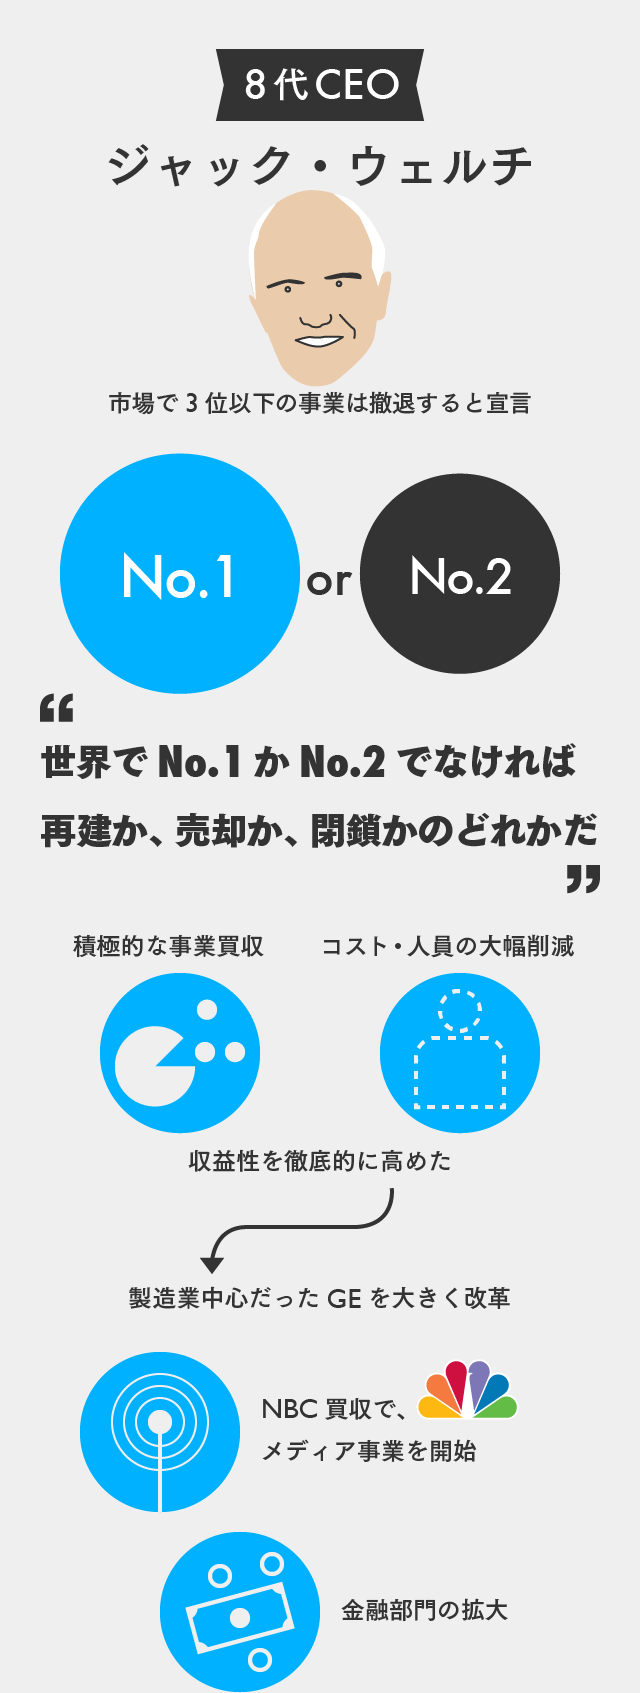 【マスター】GEインフォグラフィック_20150923-08